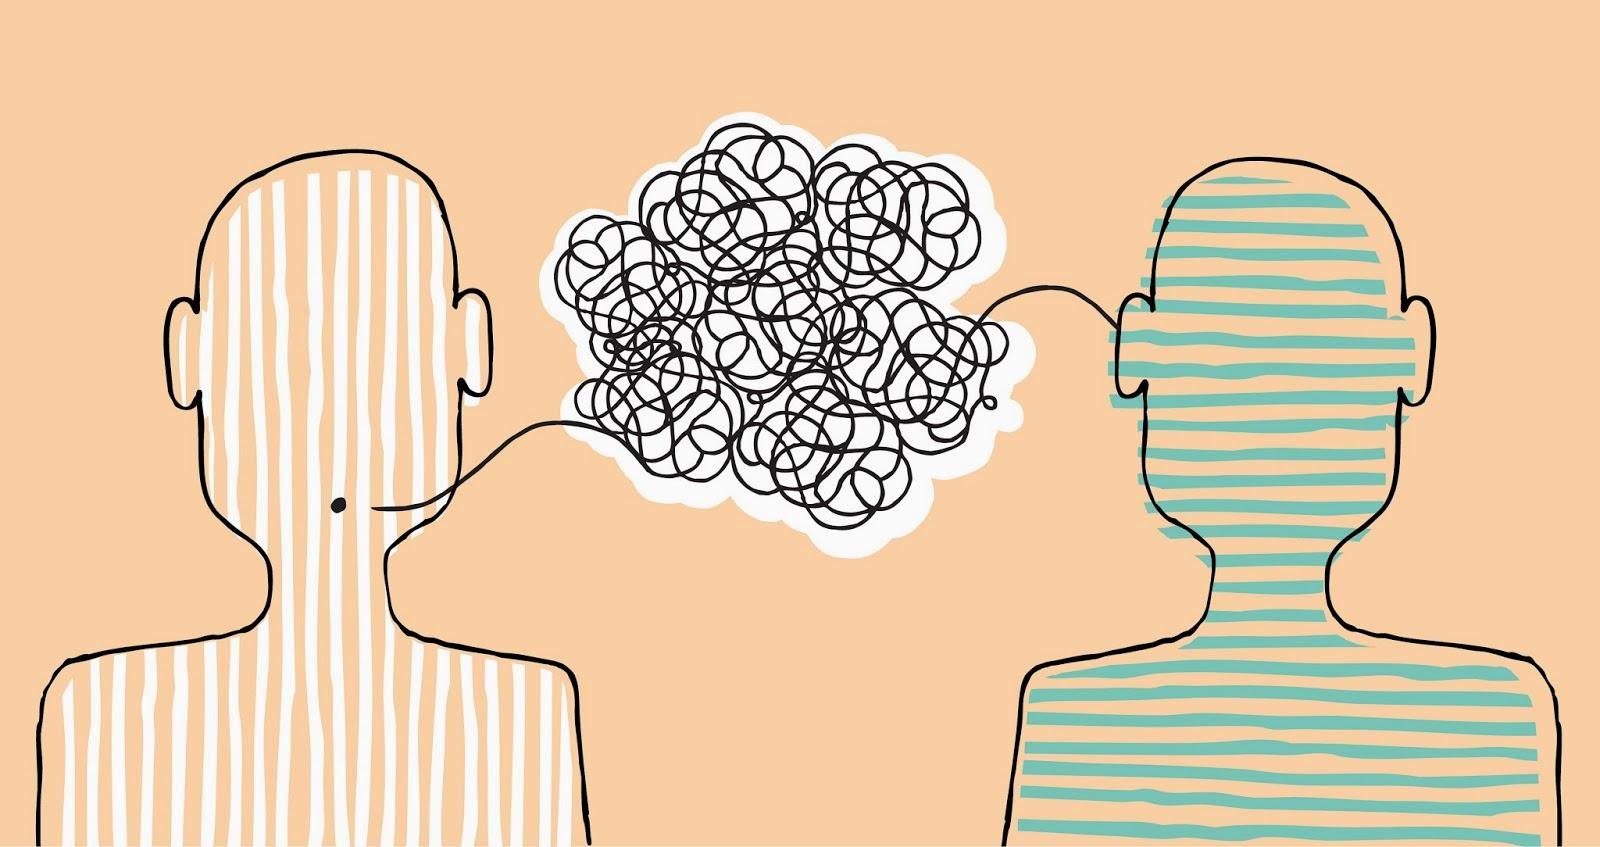 COMUNICAR-NOS ¿Por qué no funciona tan bien en pareja?